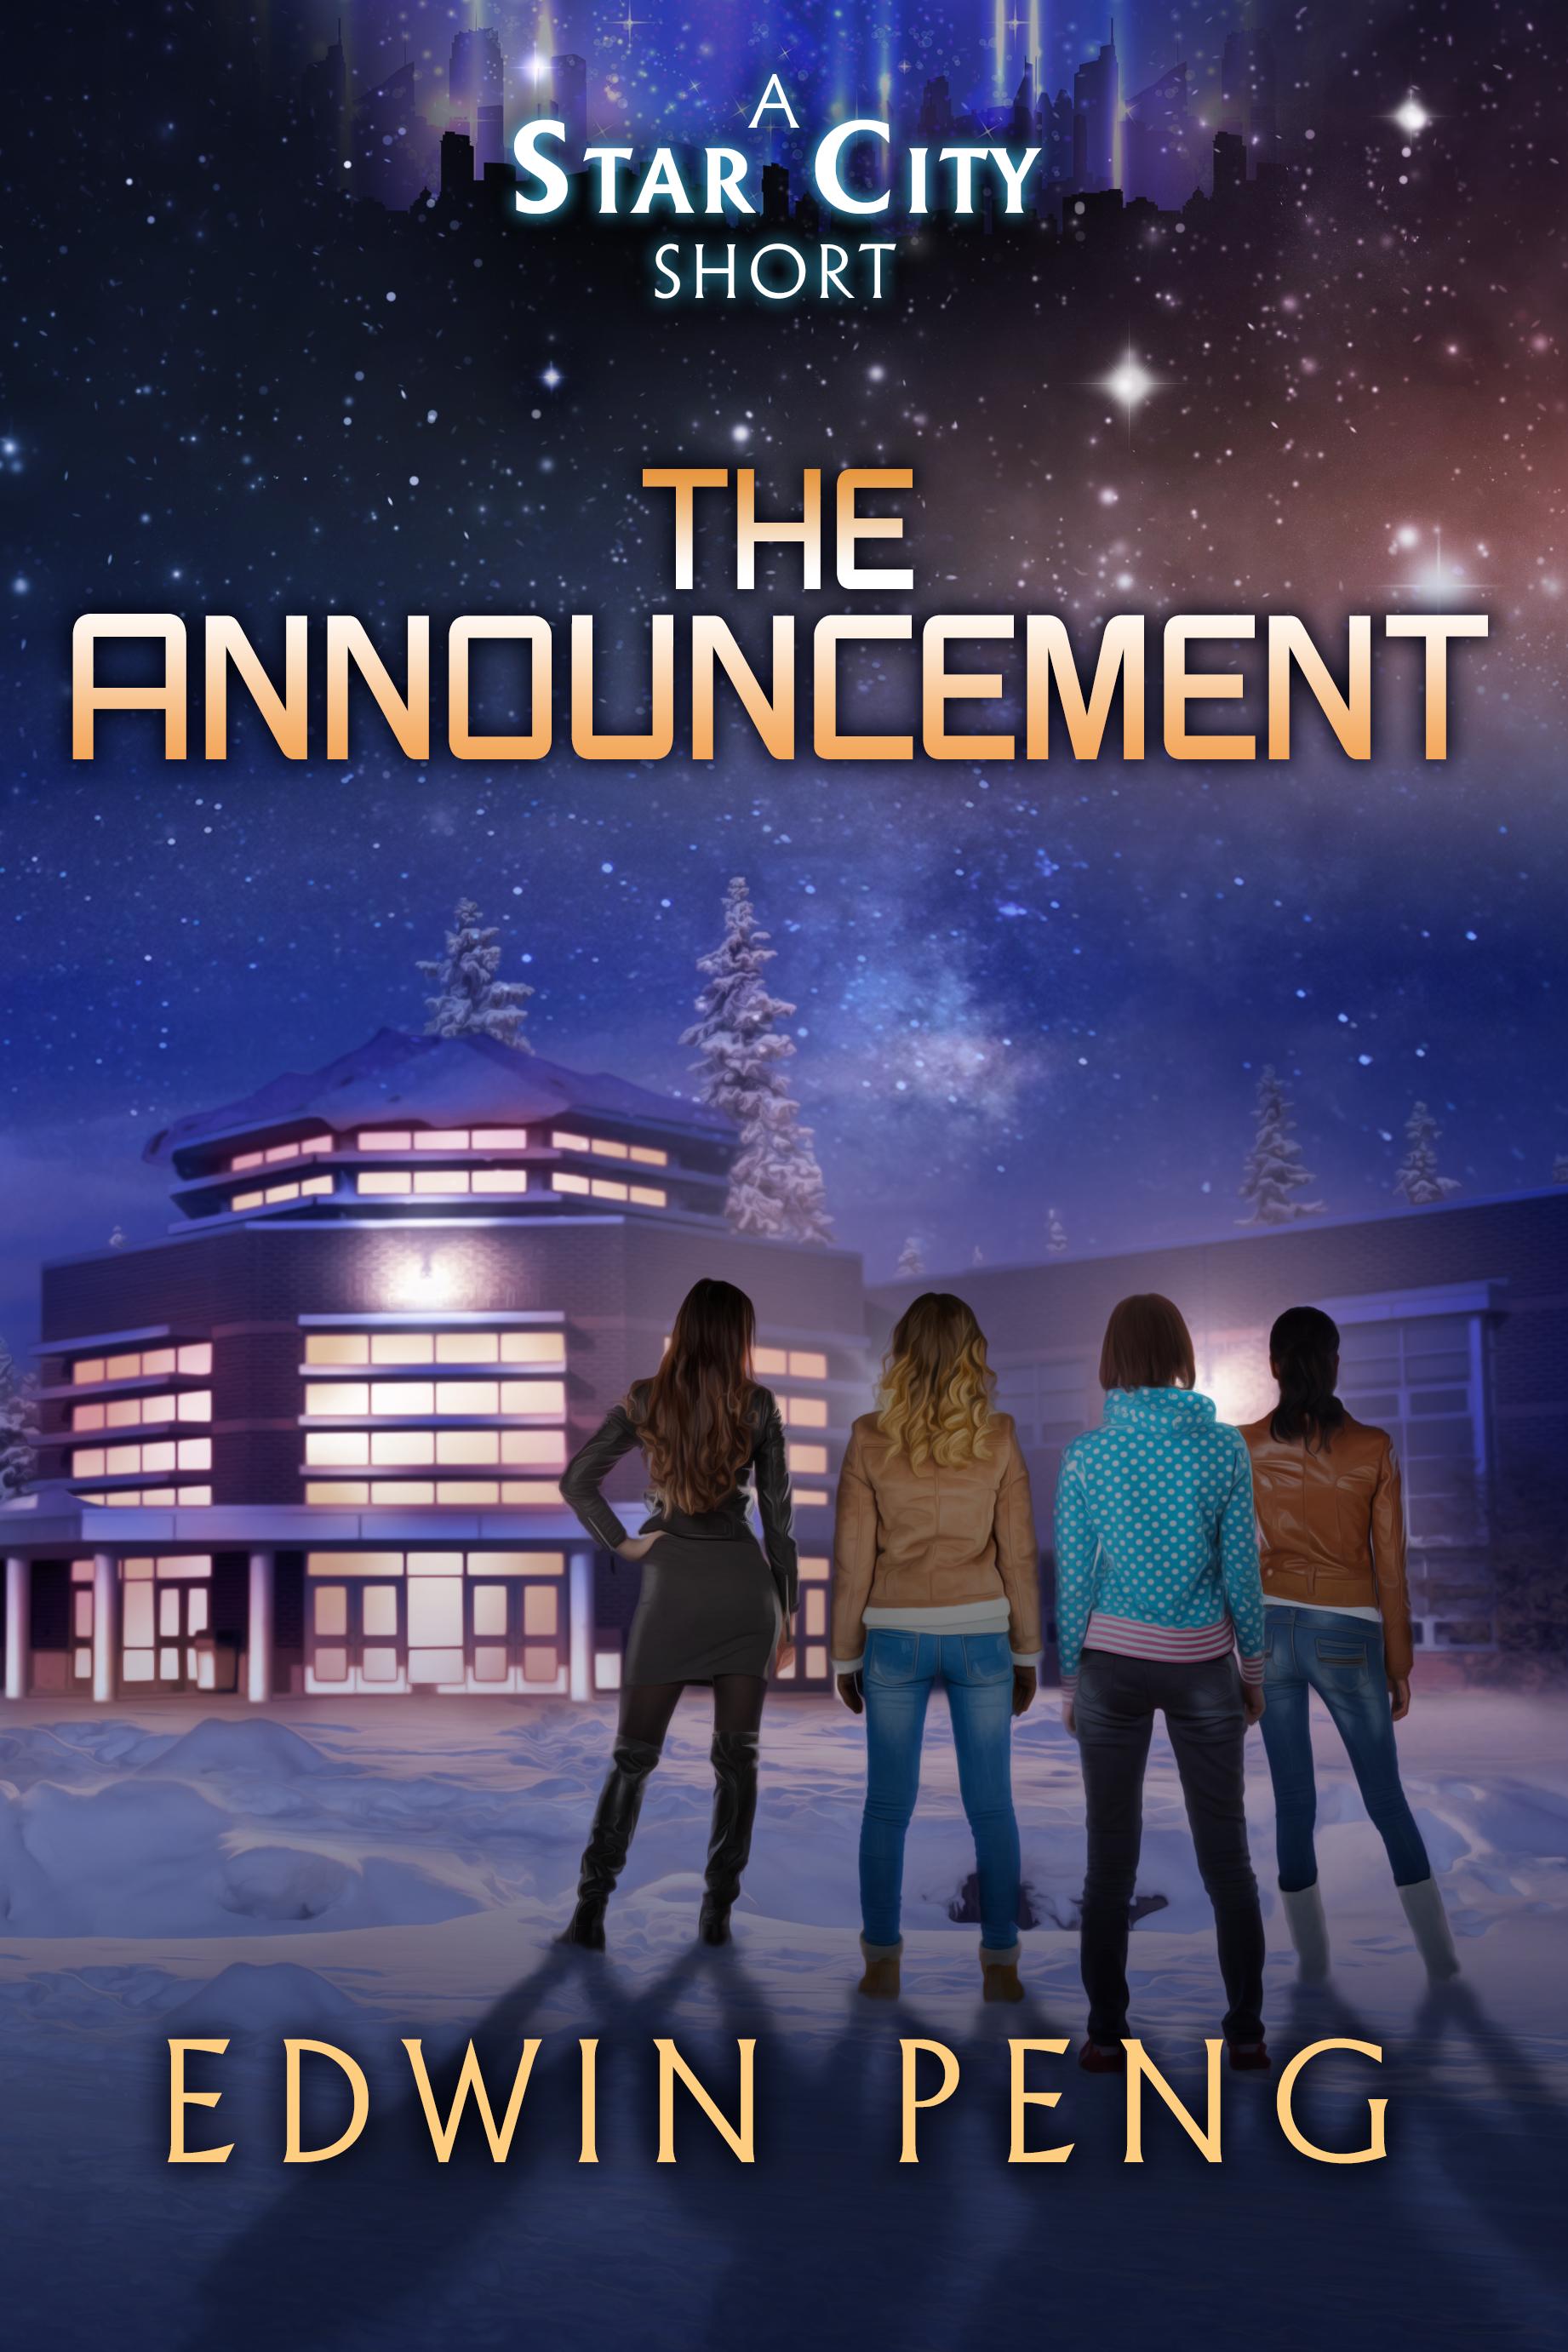 TheAnnouncement_Cover_v5.jpg